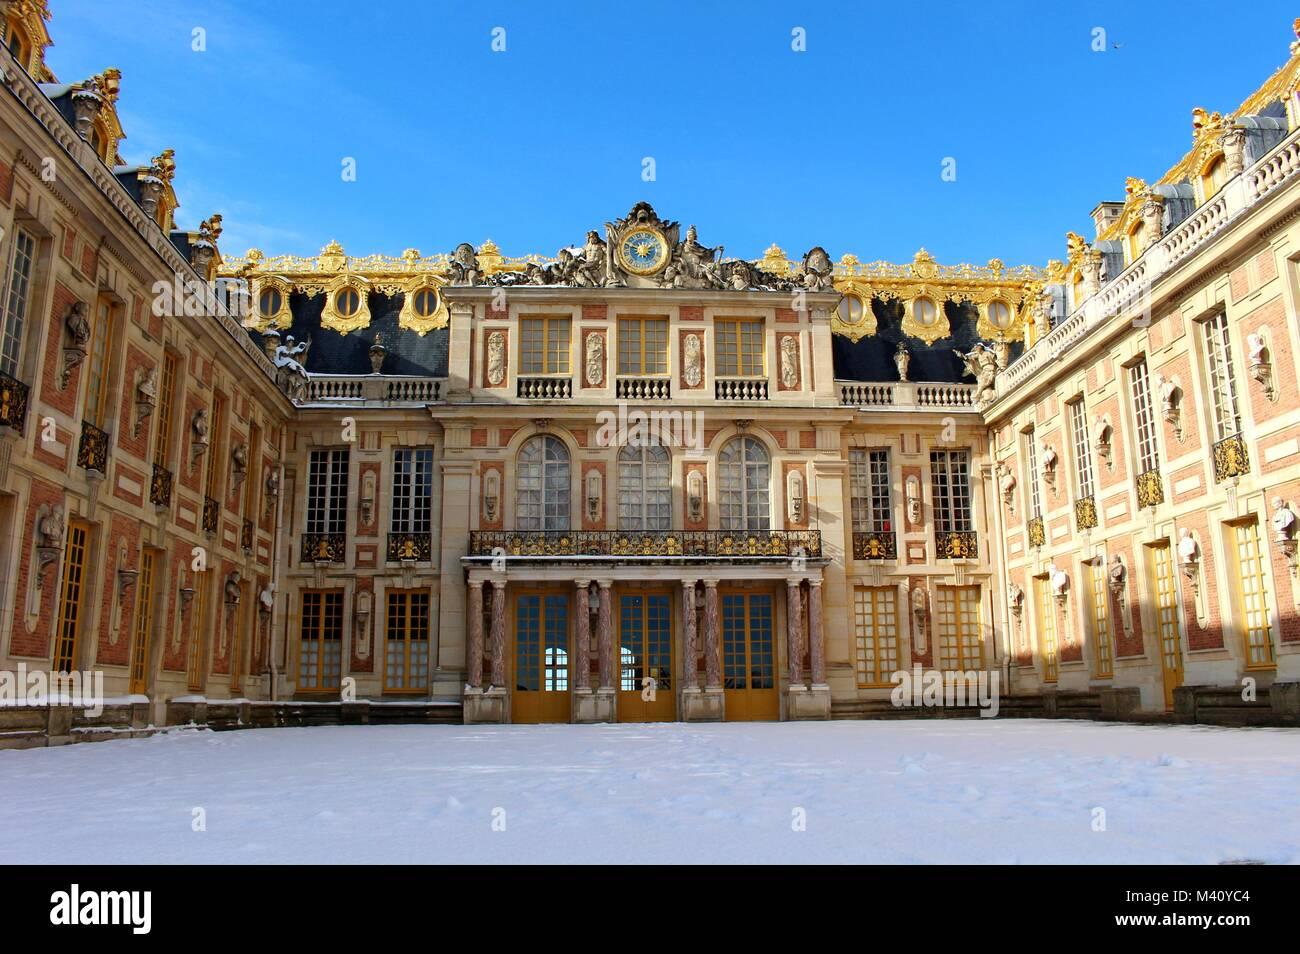 Februar 2018 sah die Die größte Schneefall in Paris seit 1987. Stockbild